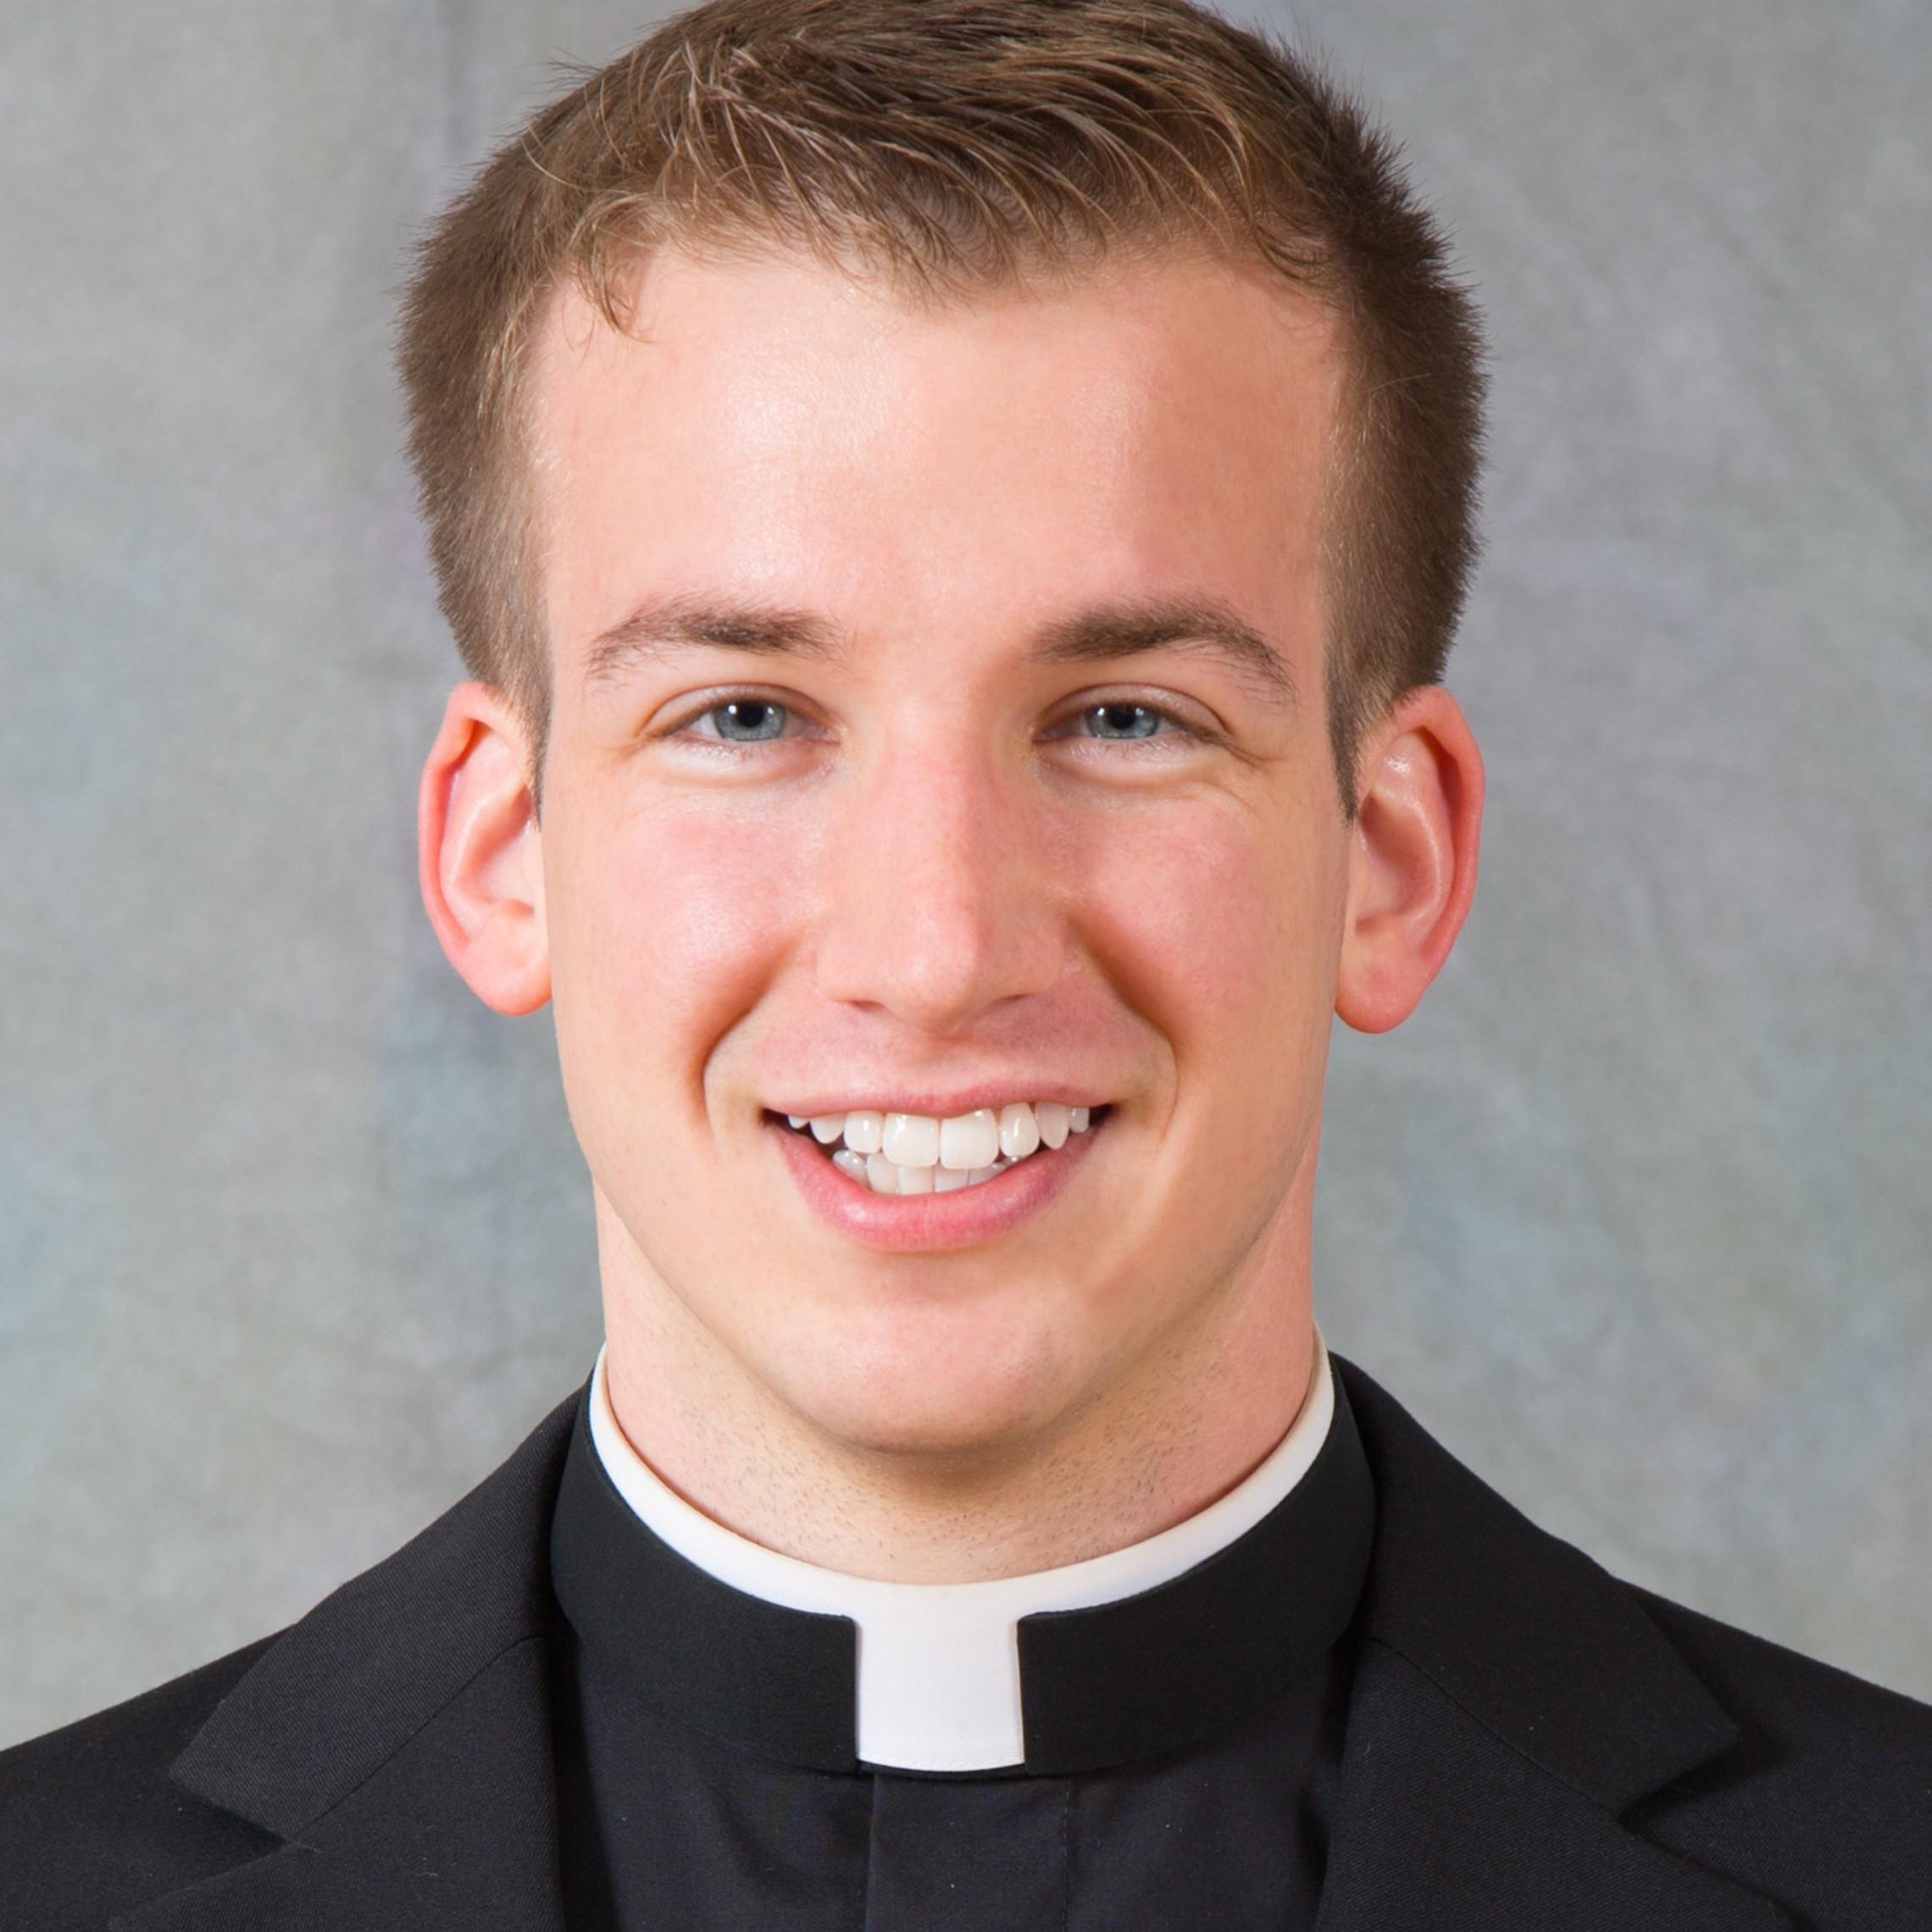 Philipp  Photo In Clerics